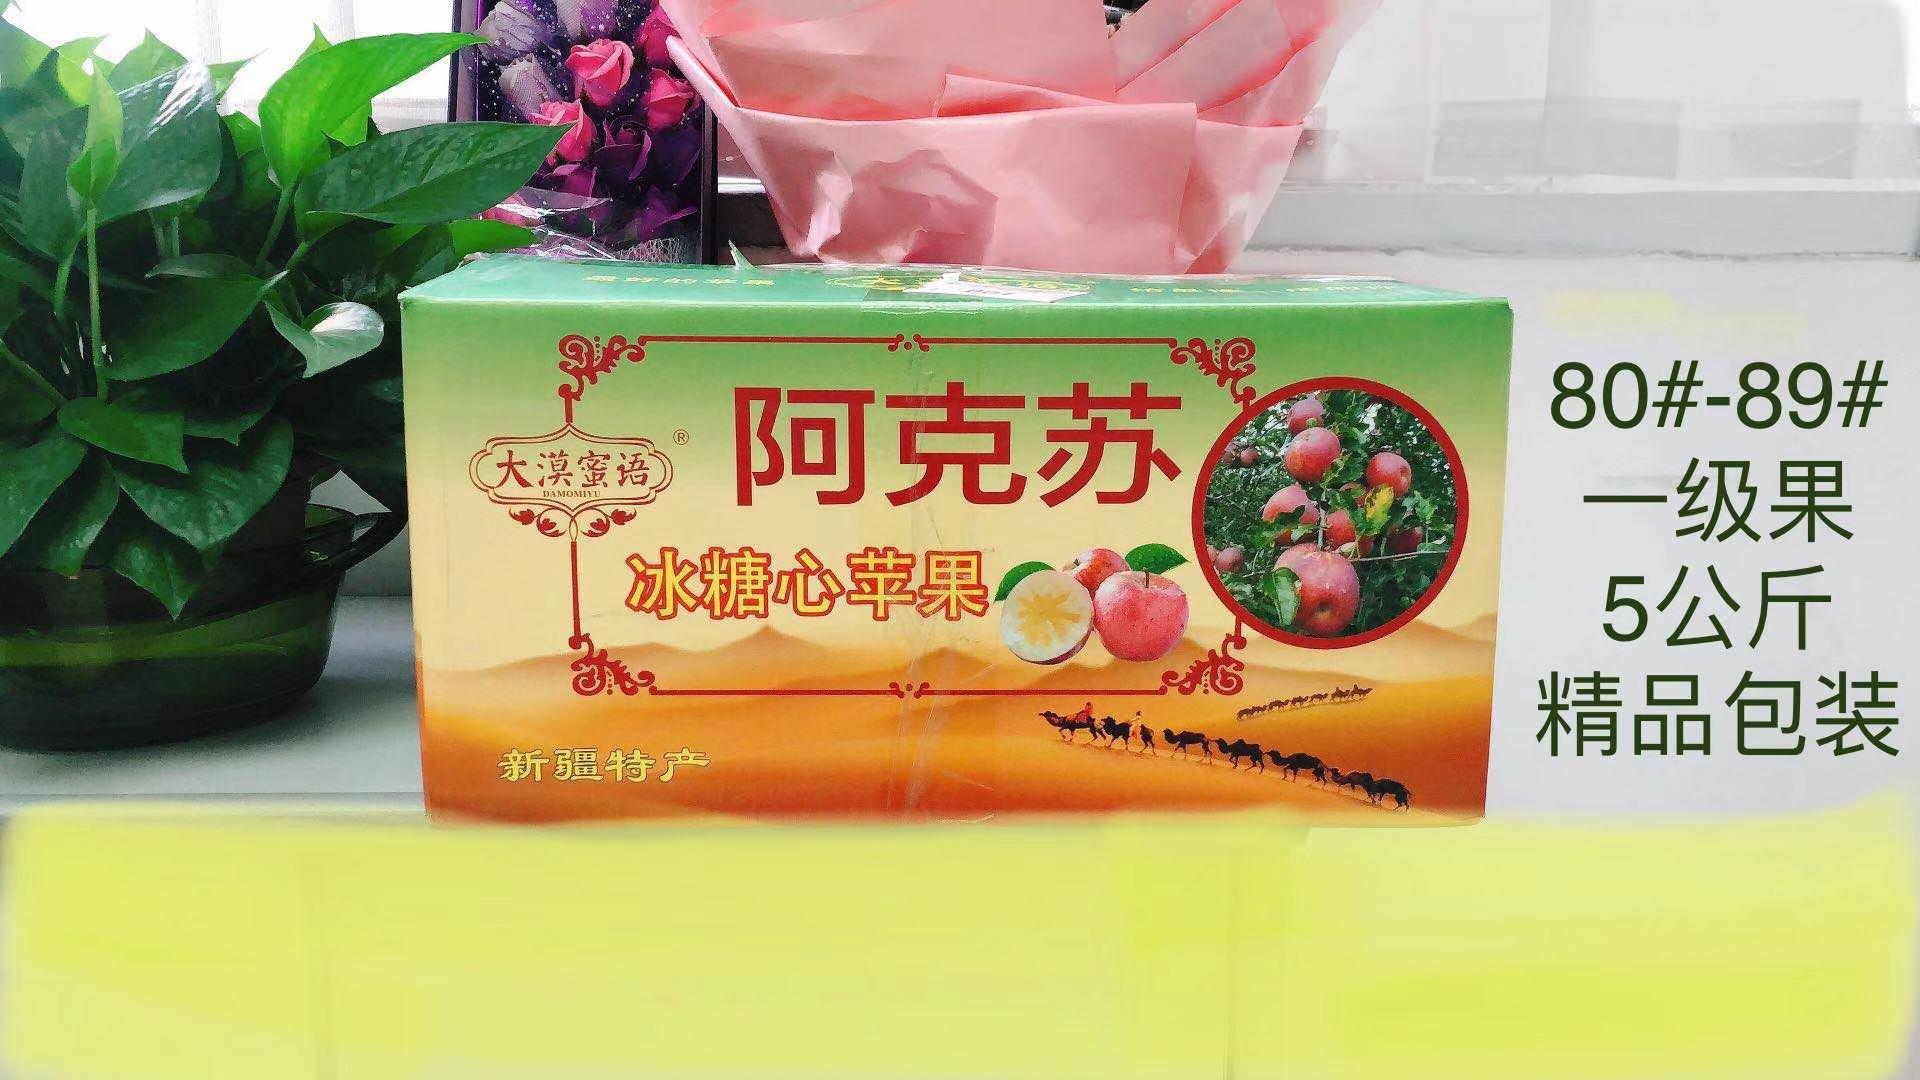 大漠蜜语 新鲜水果 红旗坡冰糖心苹果 新疆阿克苏苹果 阿克苏冰糖心苹果 果径80-89# 净重8.6斤 大约17个 普通装